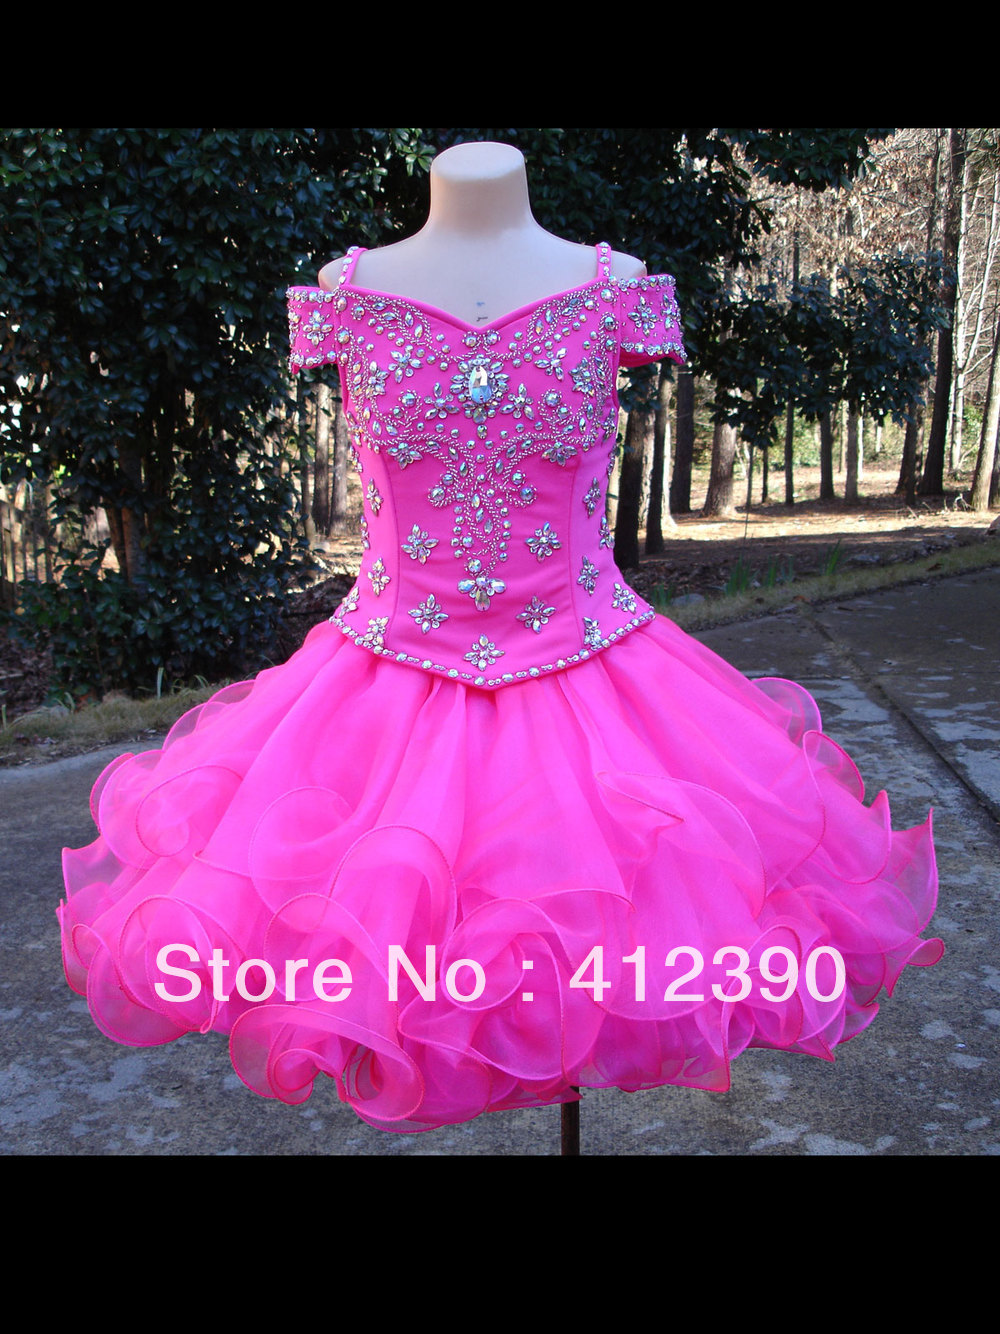 Online Get Cheap Toddler Short Pageant Dress -Aliexpress.com ...